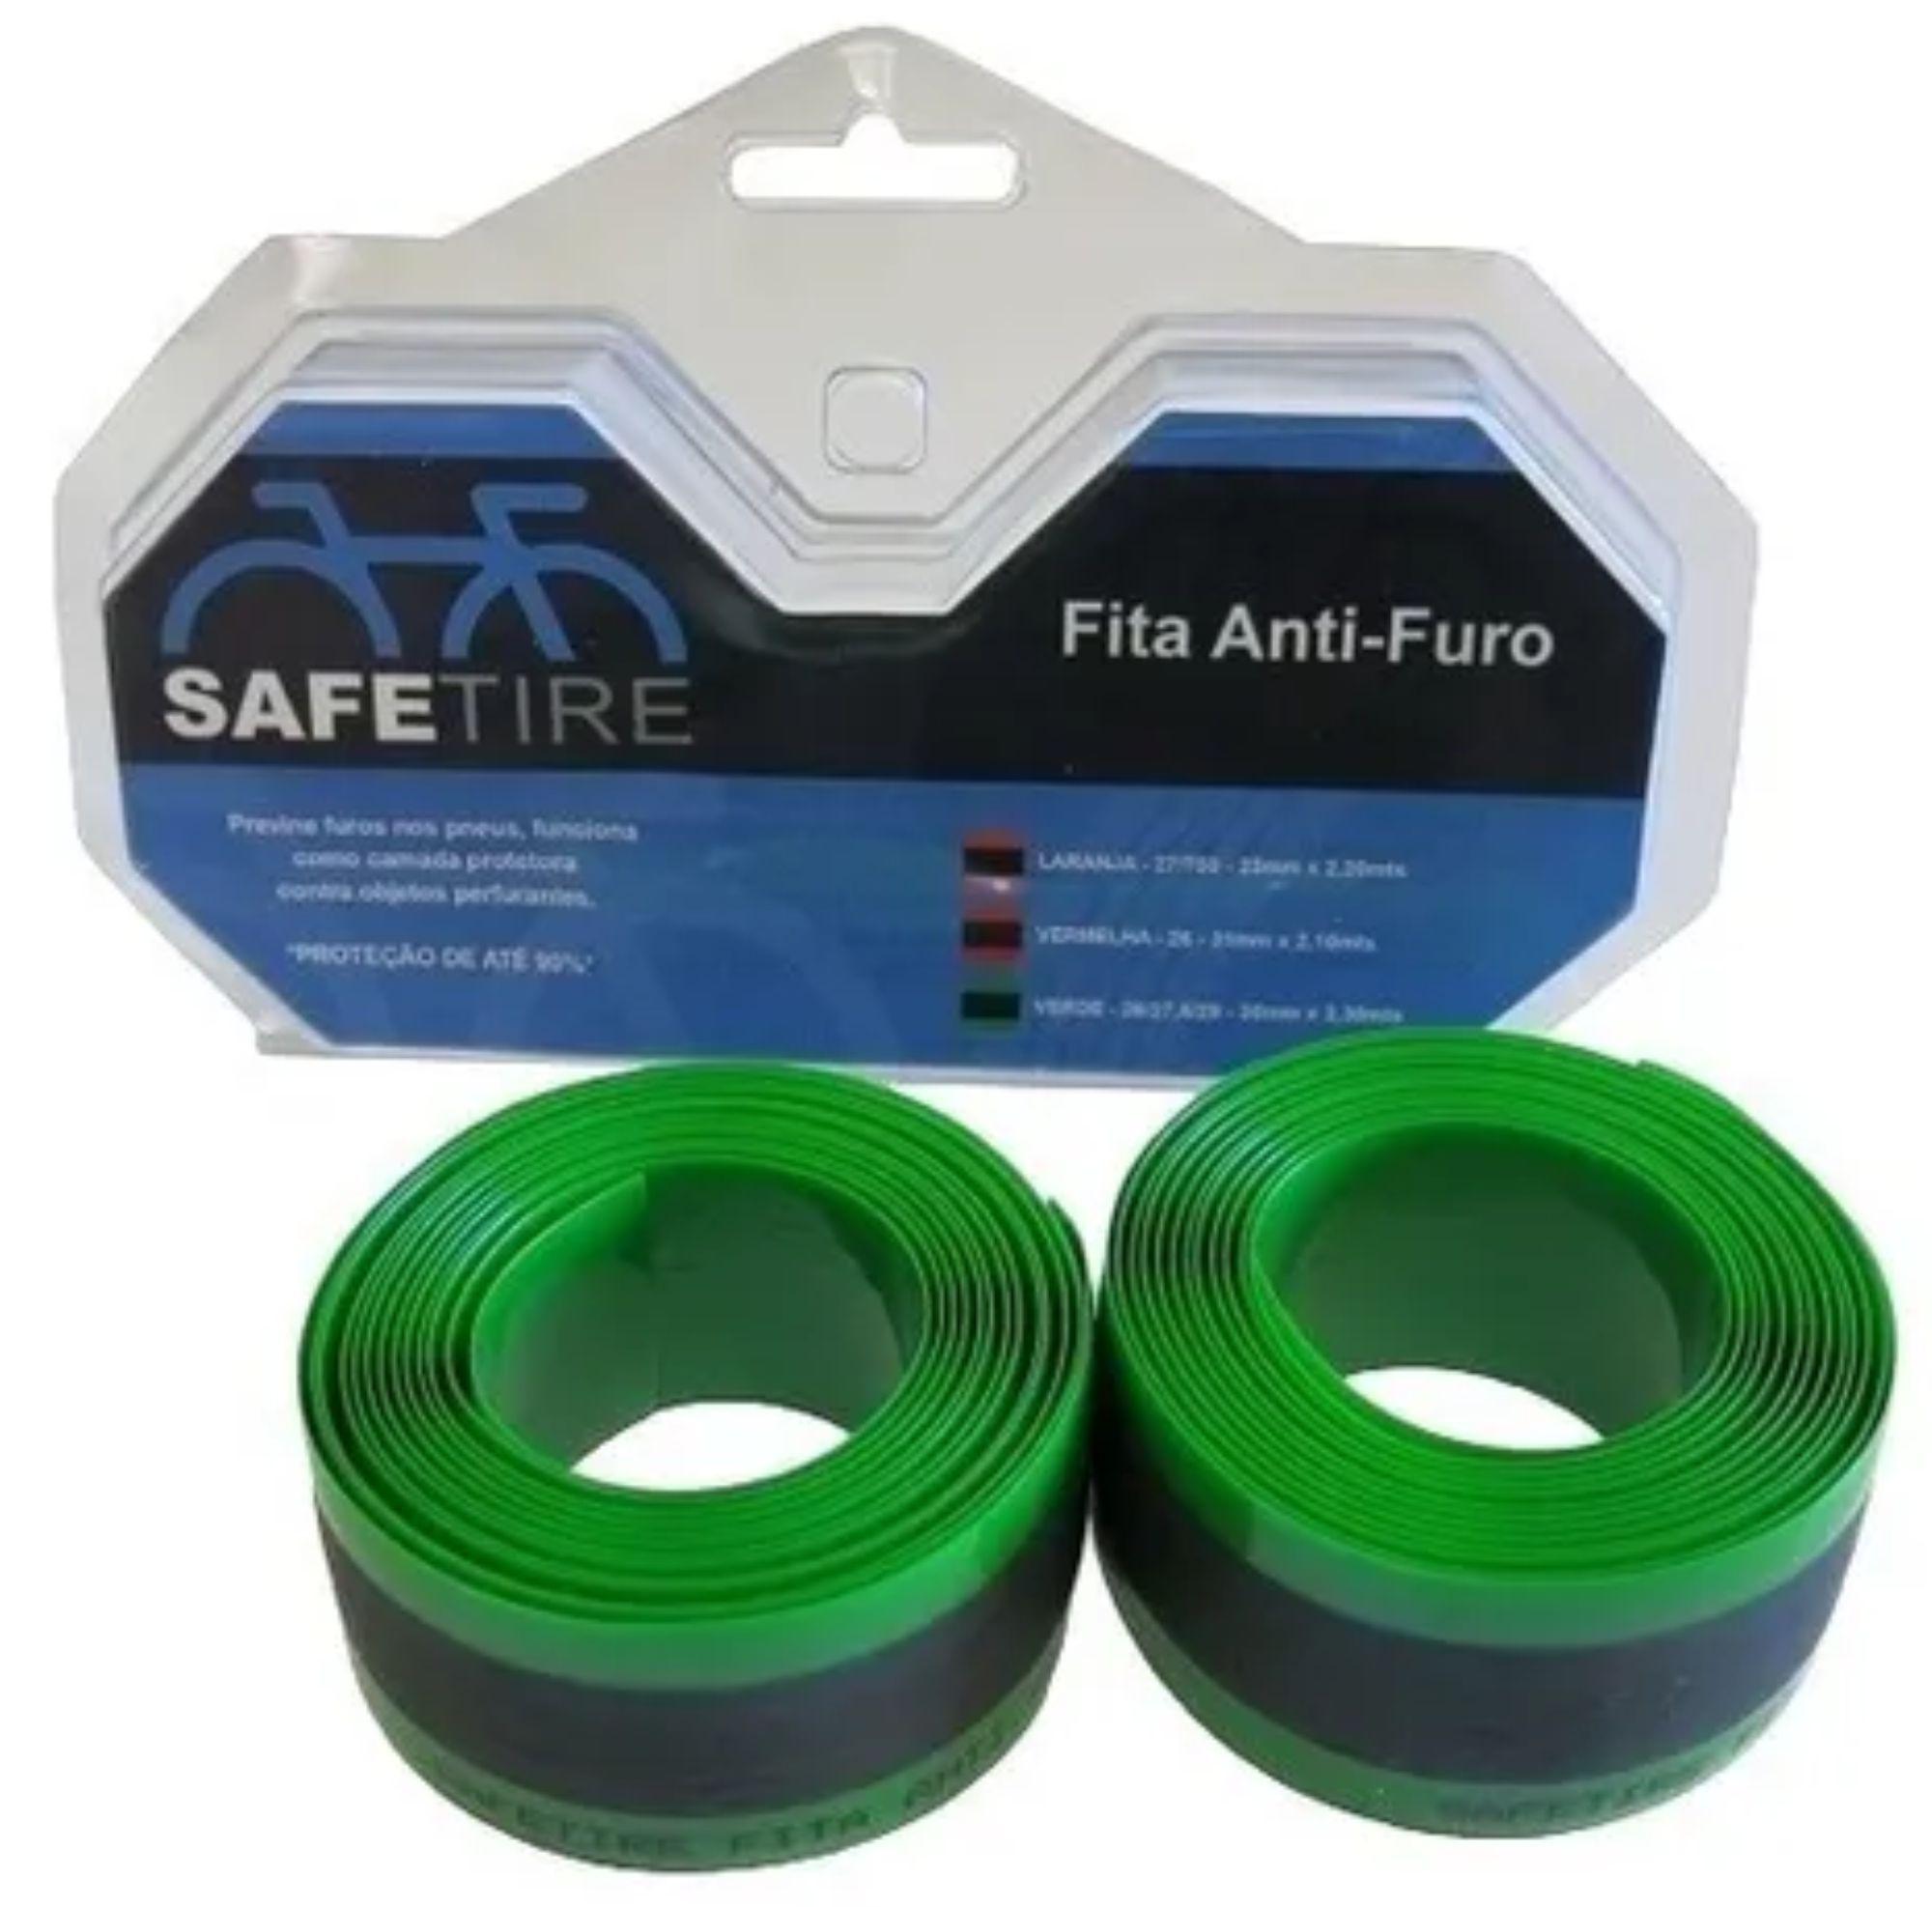 Fita Anti Furo Pneu Aro 29 27.5 26 Safetire 35mm Bike (par)